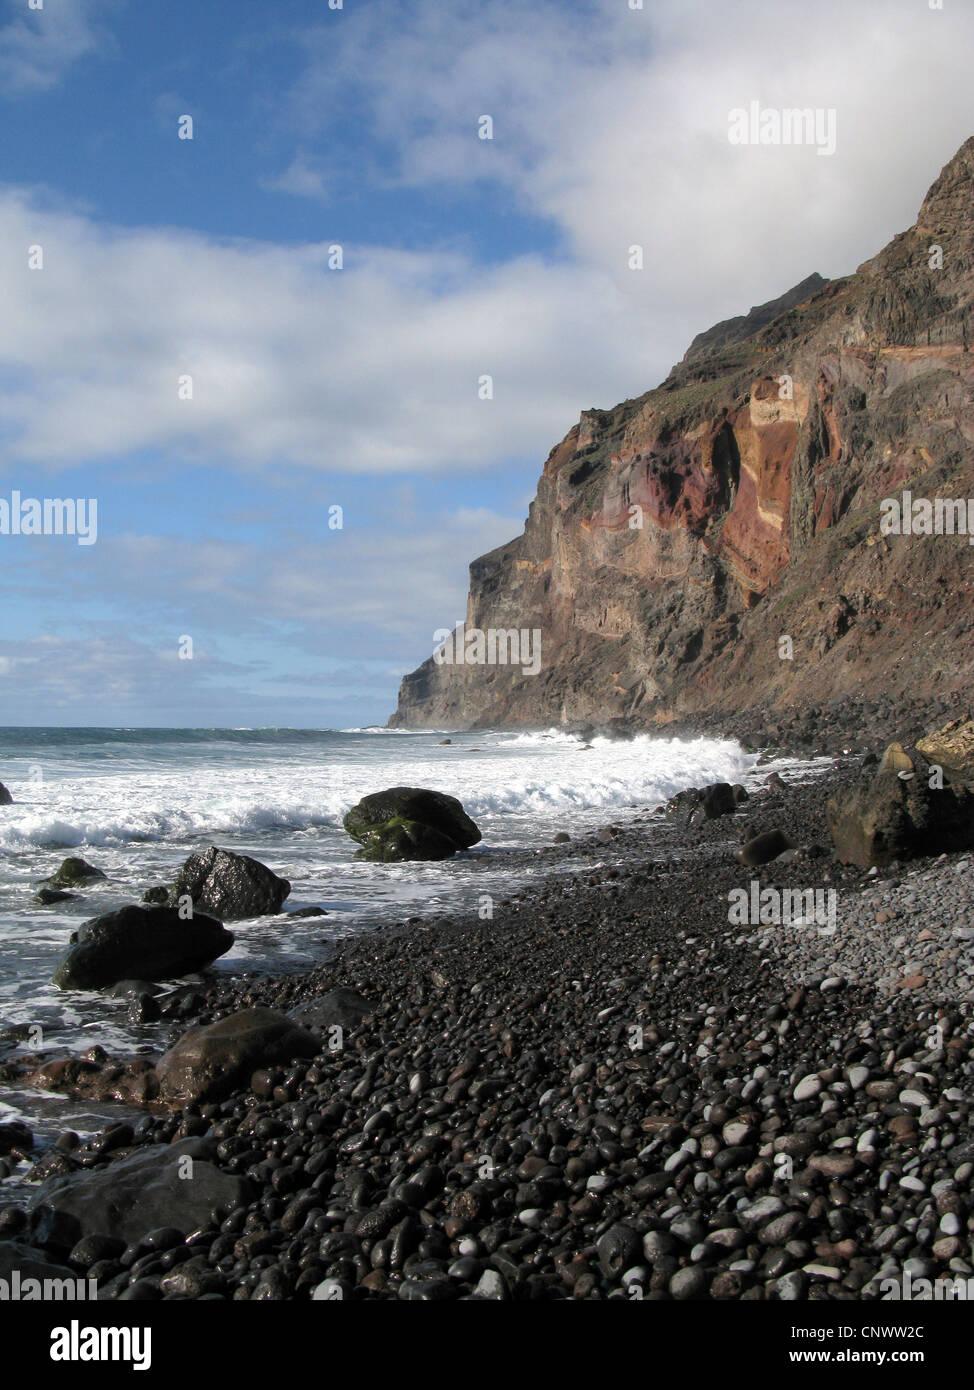 Steilküste auf Gomera, Valle Gran Rey, Playa de Ingles, Kanarische Inseln Stockbild